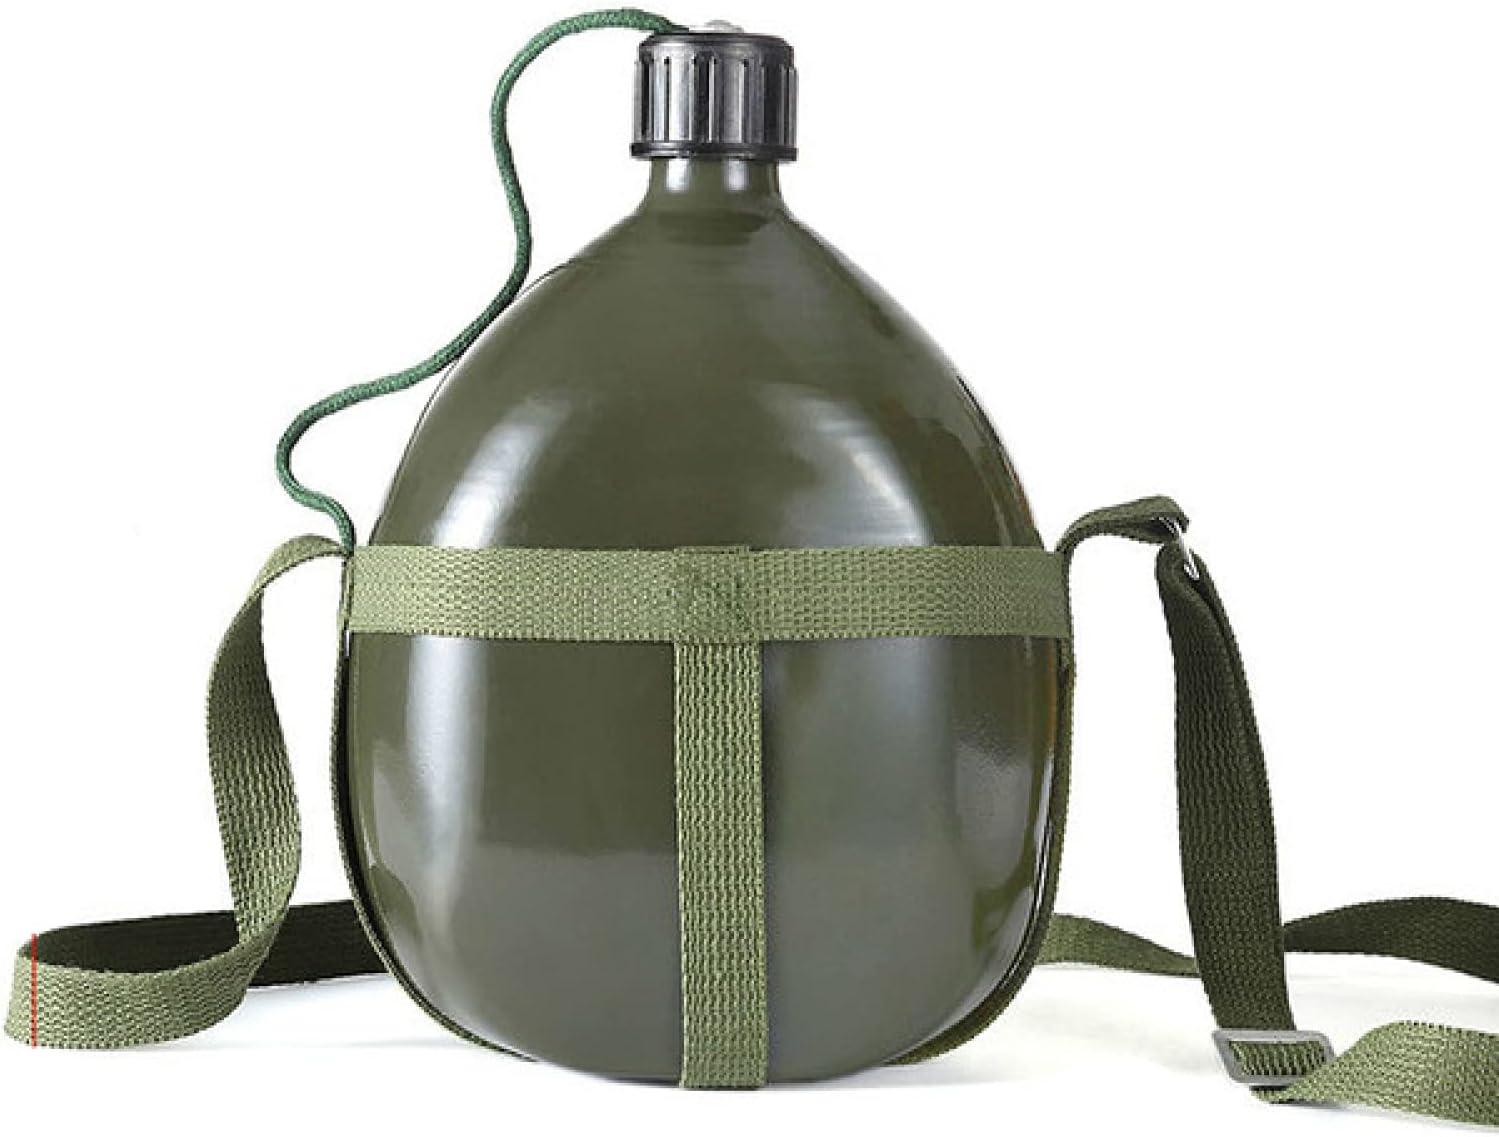 ATARSM Botella de Agua Deportiva Aluminio 1/1,5/2 / 2,5L Frasco de Agua portátil con Funda de cinturón de Nailon para Senderismo Ciclismo al Aire Libre